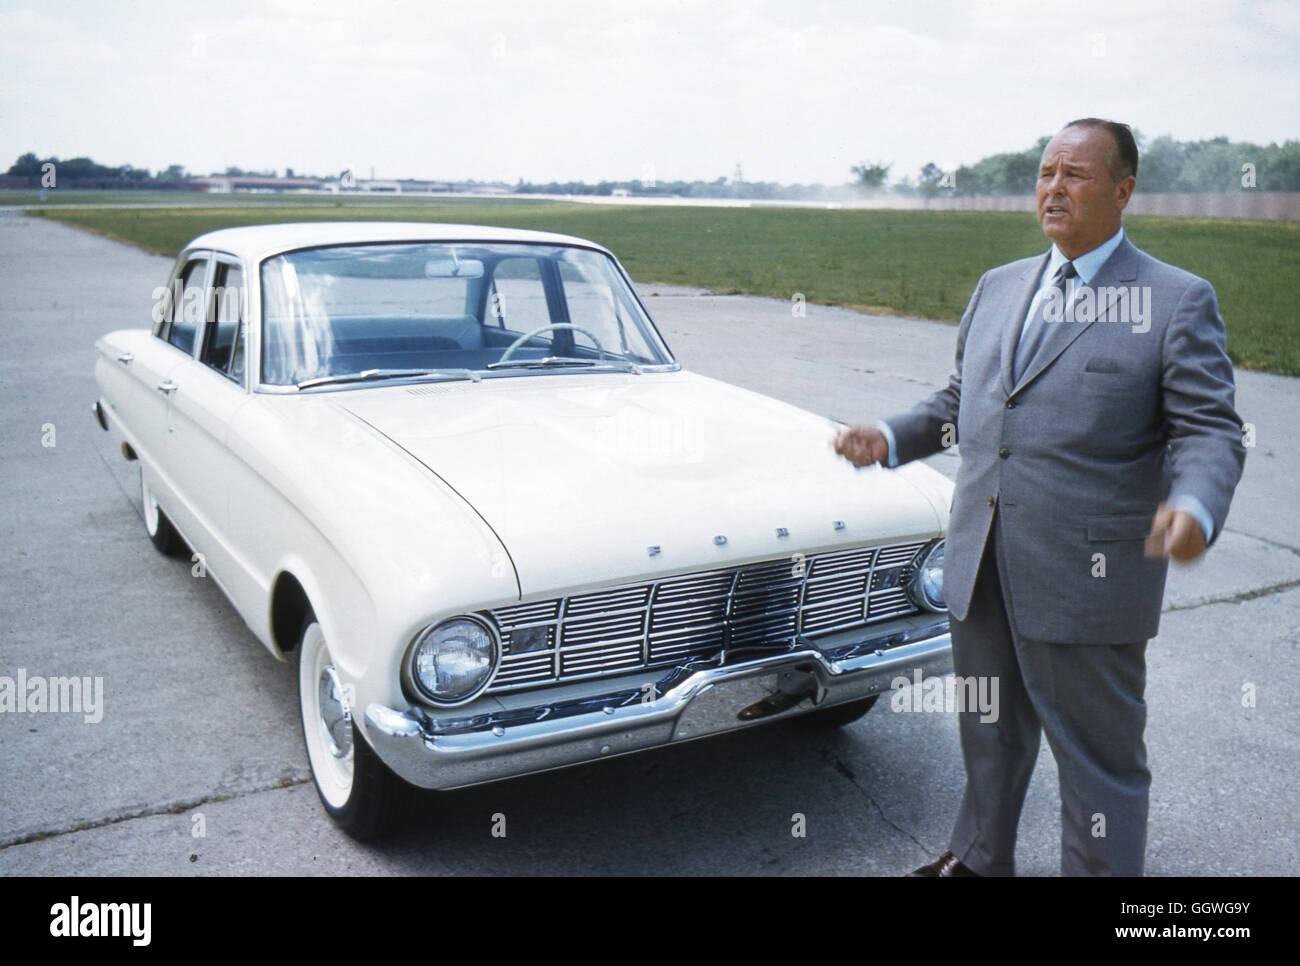 George W. Walker, automotive designer, con un 1960 Ford Falcon. Immagini Stock